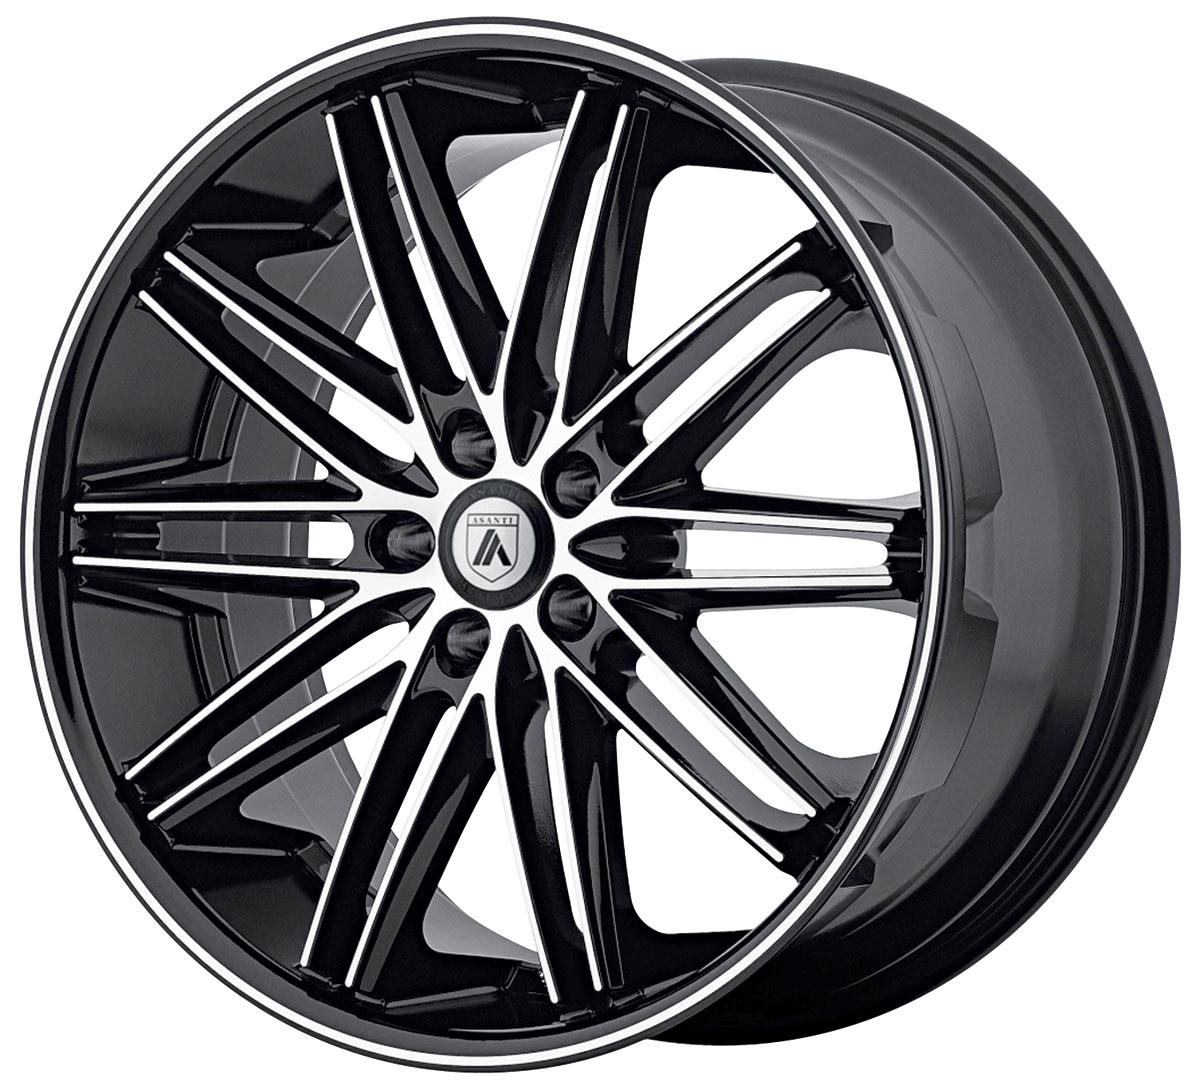 Wheel, Asanti Black, POLLUX, 2016-19 CTS/CTS-V, 22x9